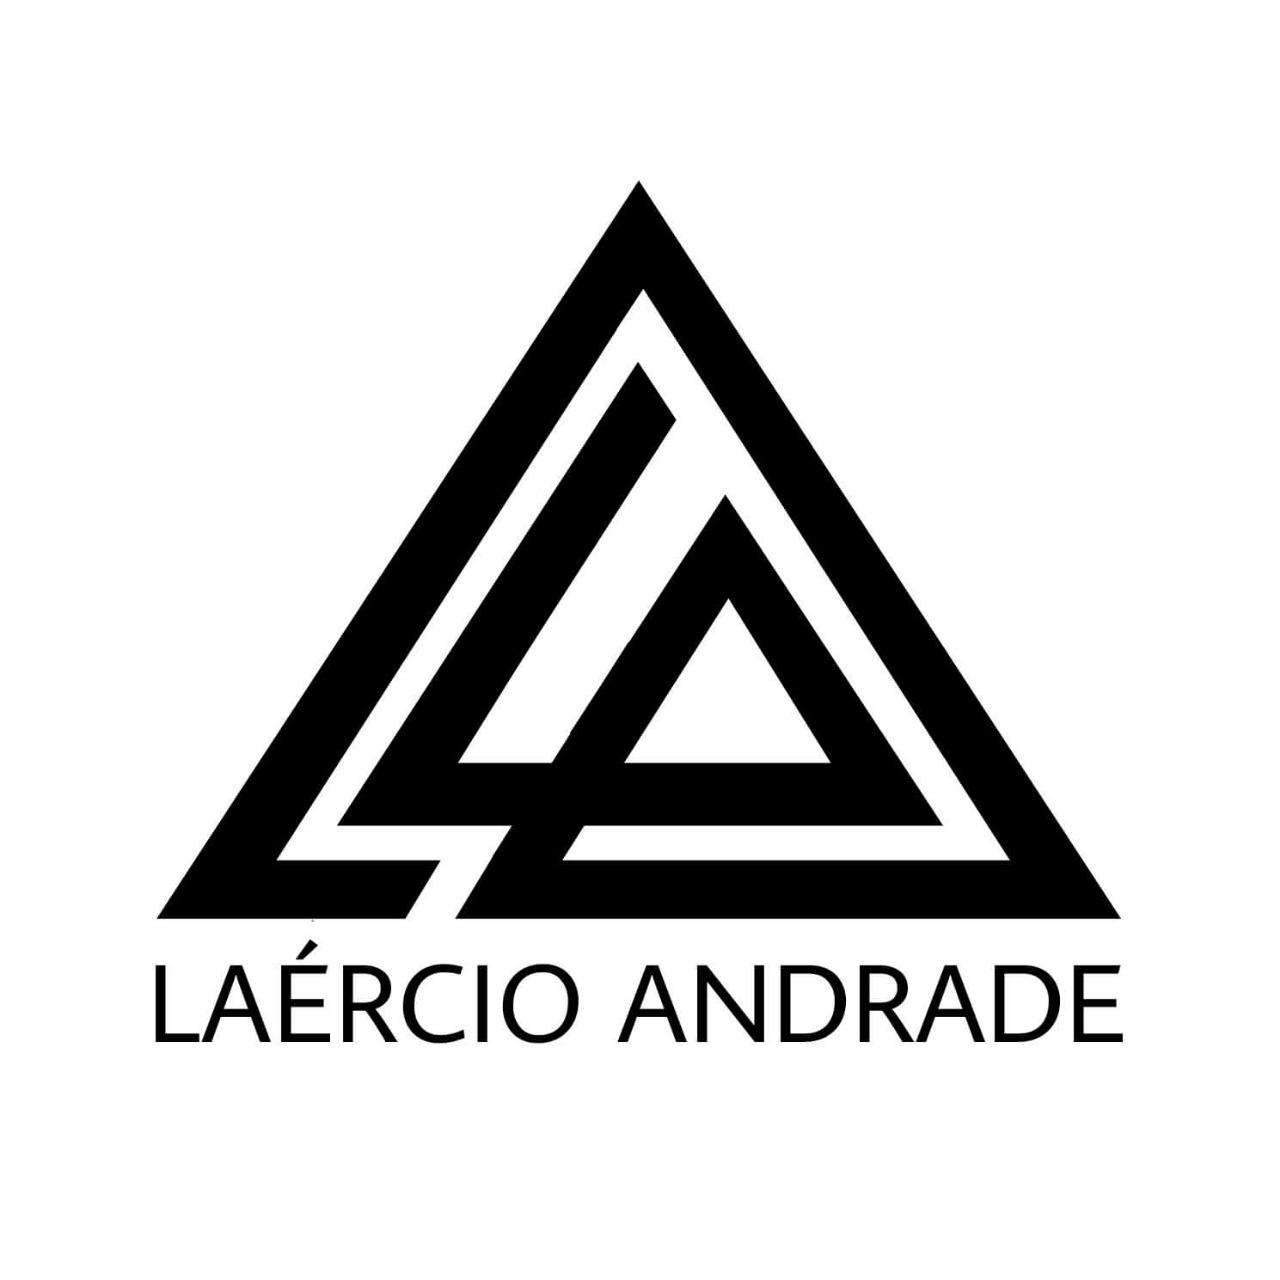 LAÉCIO ANDRADE